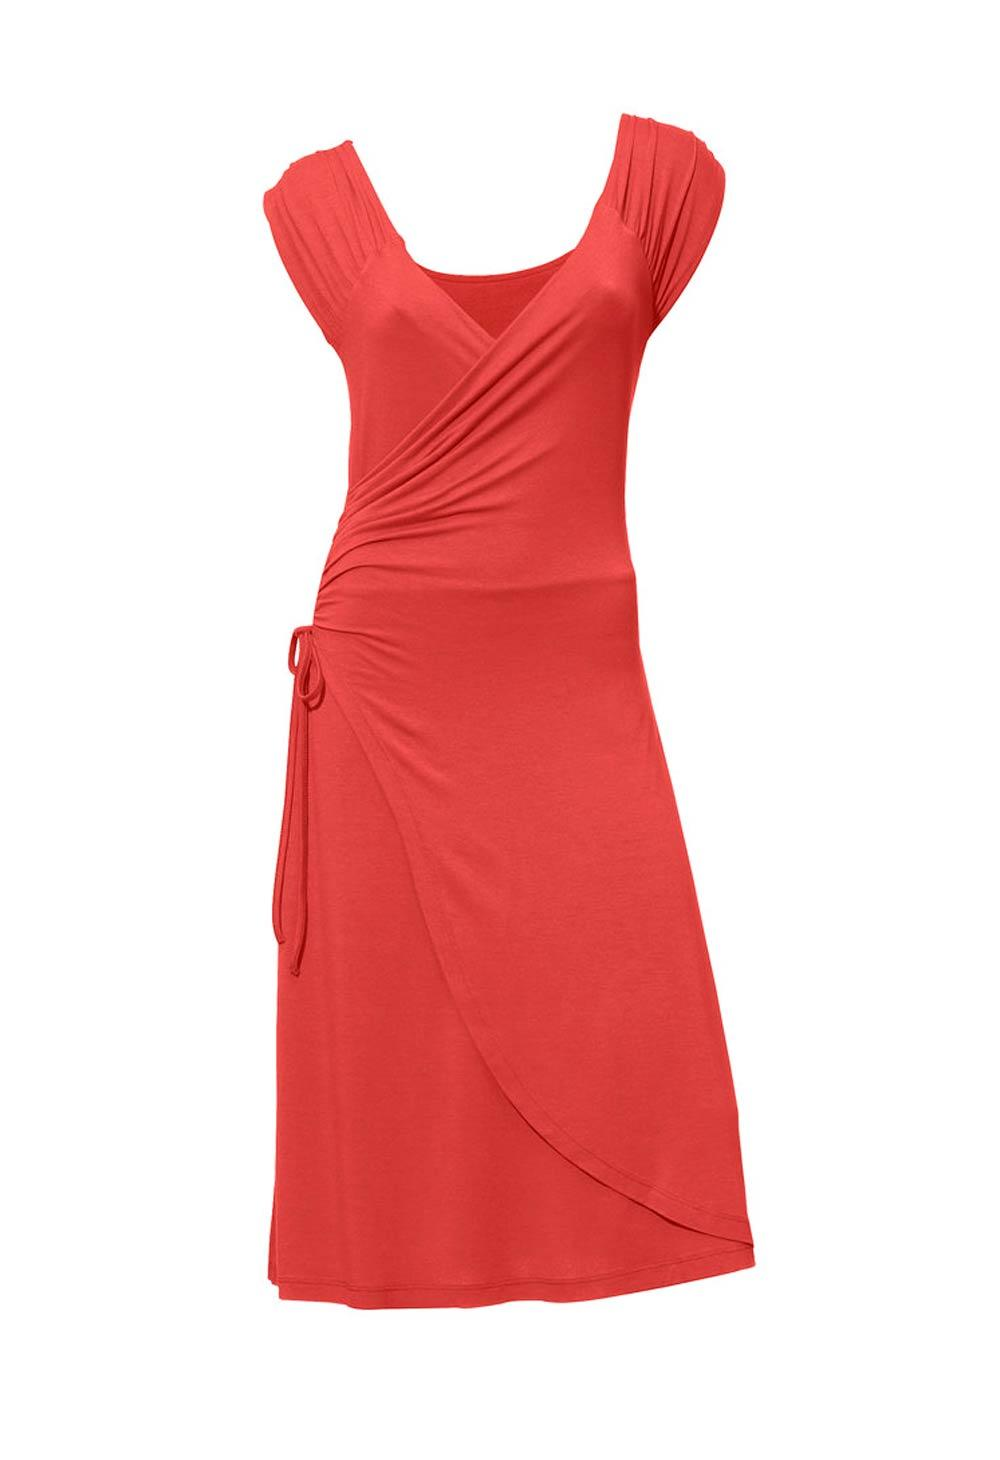 Bodyforming-Kleid koralle | Kleider | Outlet Mode-Shop